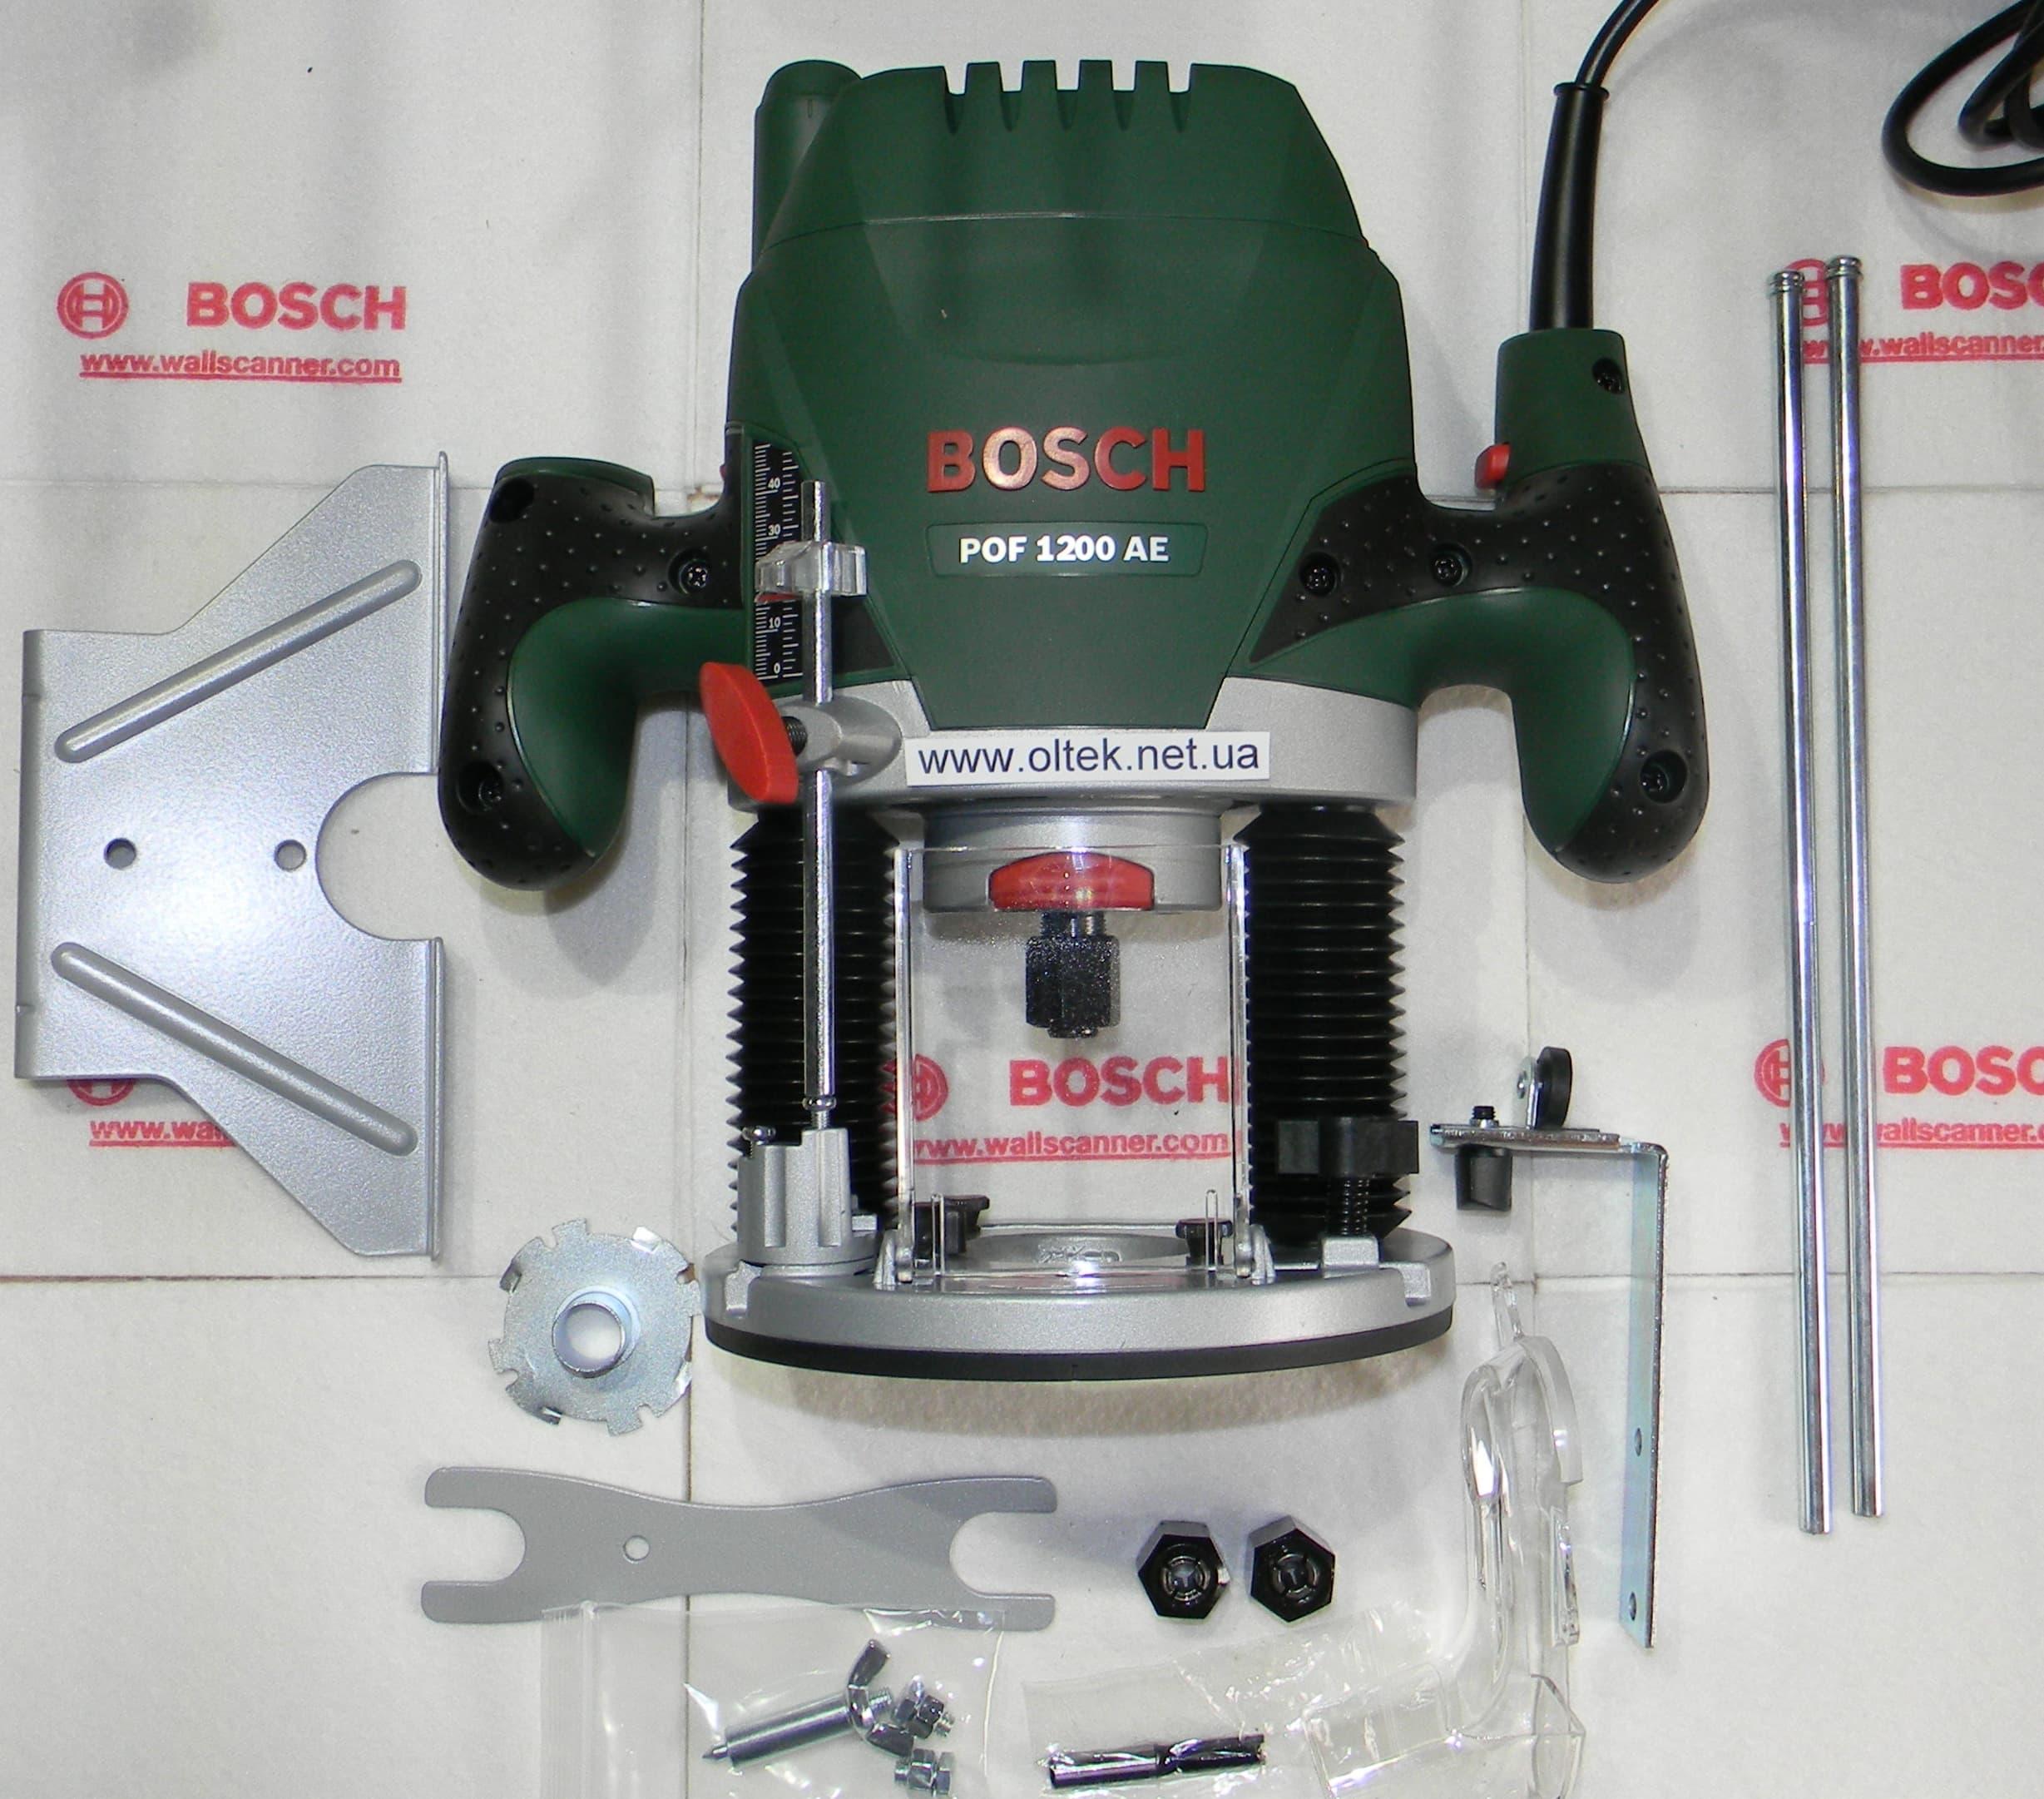 bosch-pof-1200-ae